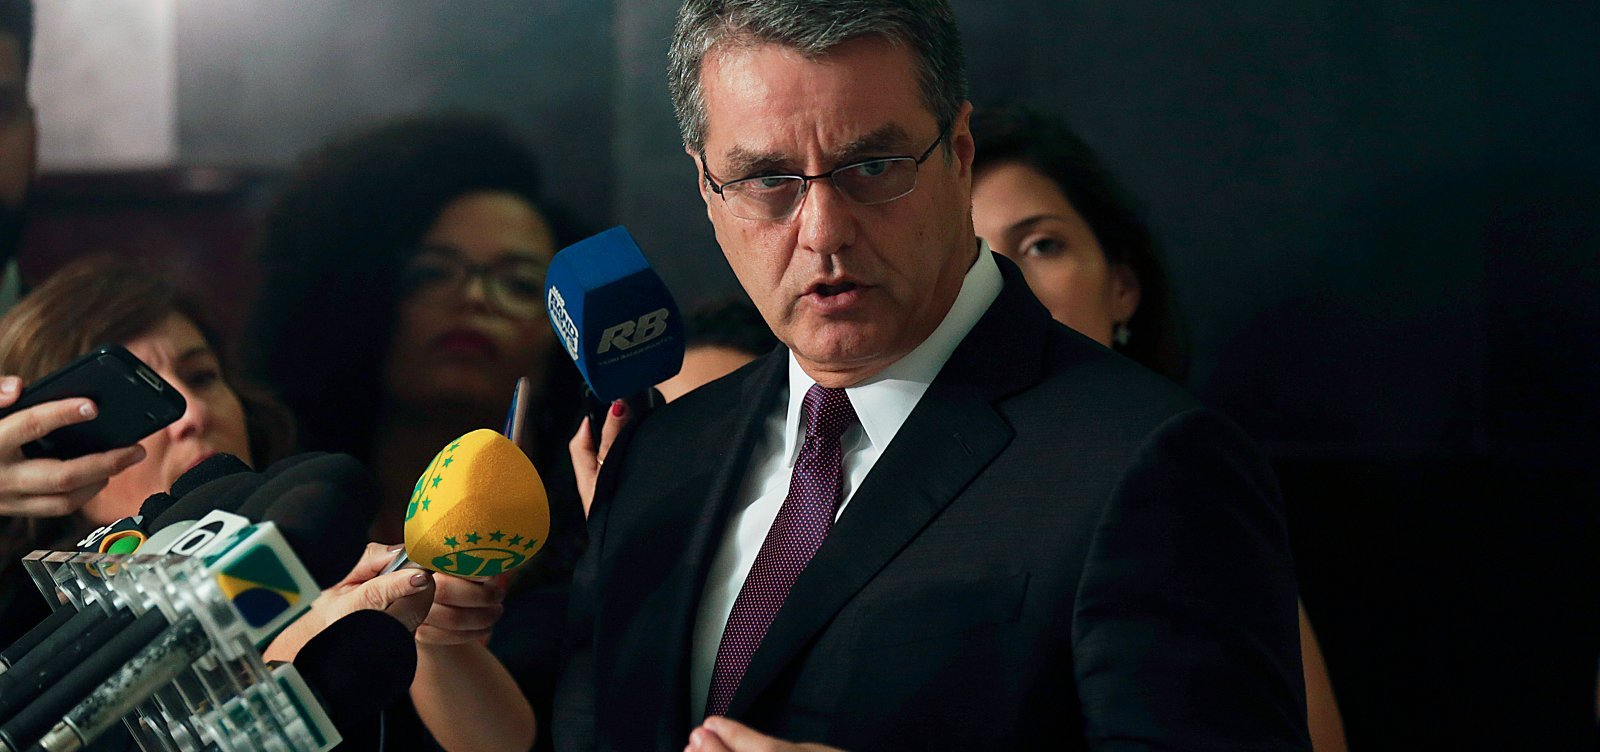 ['Integração e cooperação internacional são a melhor resposta para crises globais', diz diretor-geral da OMC]